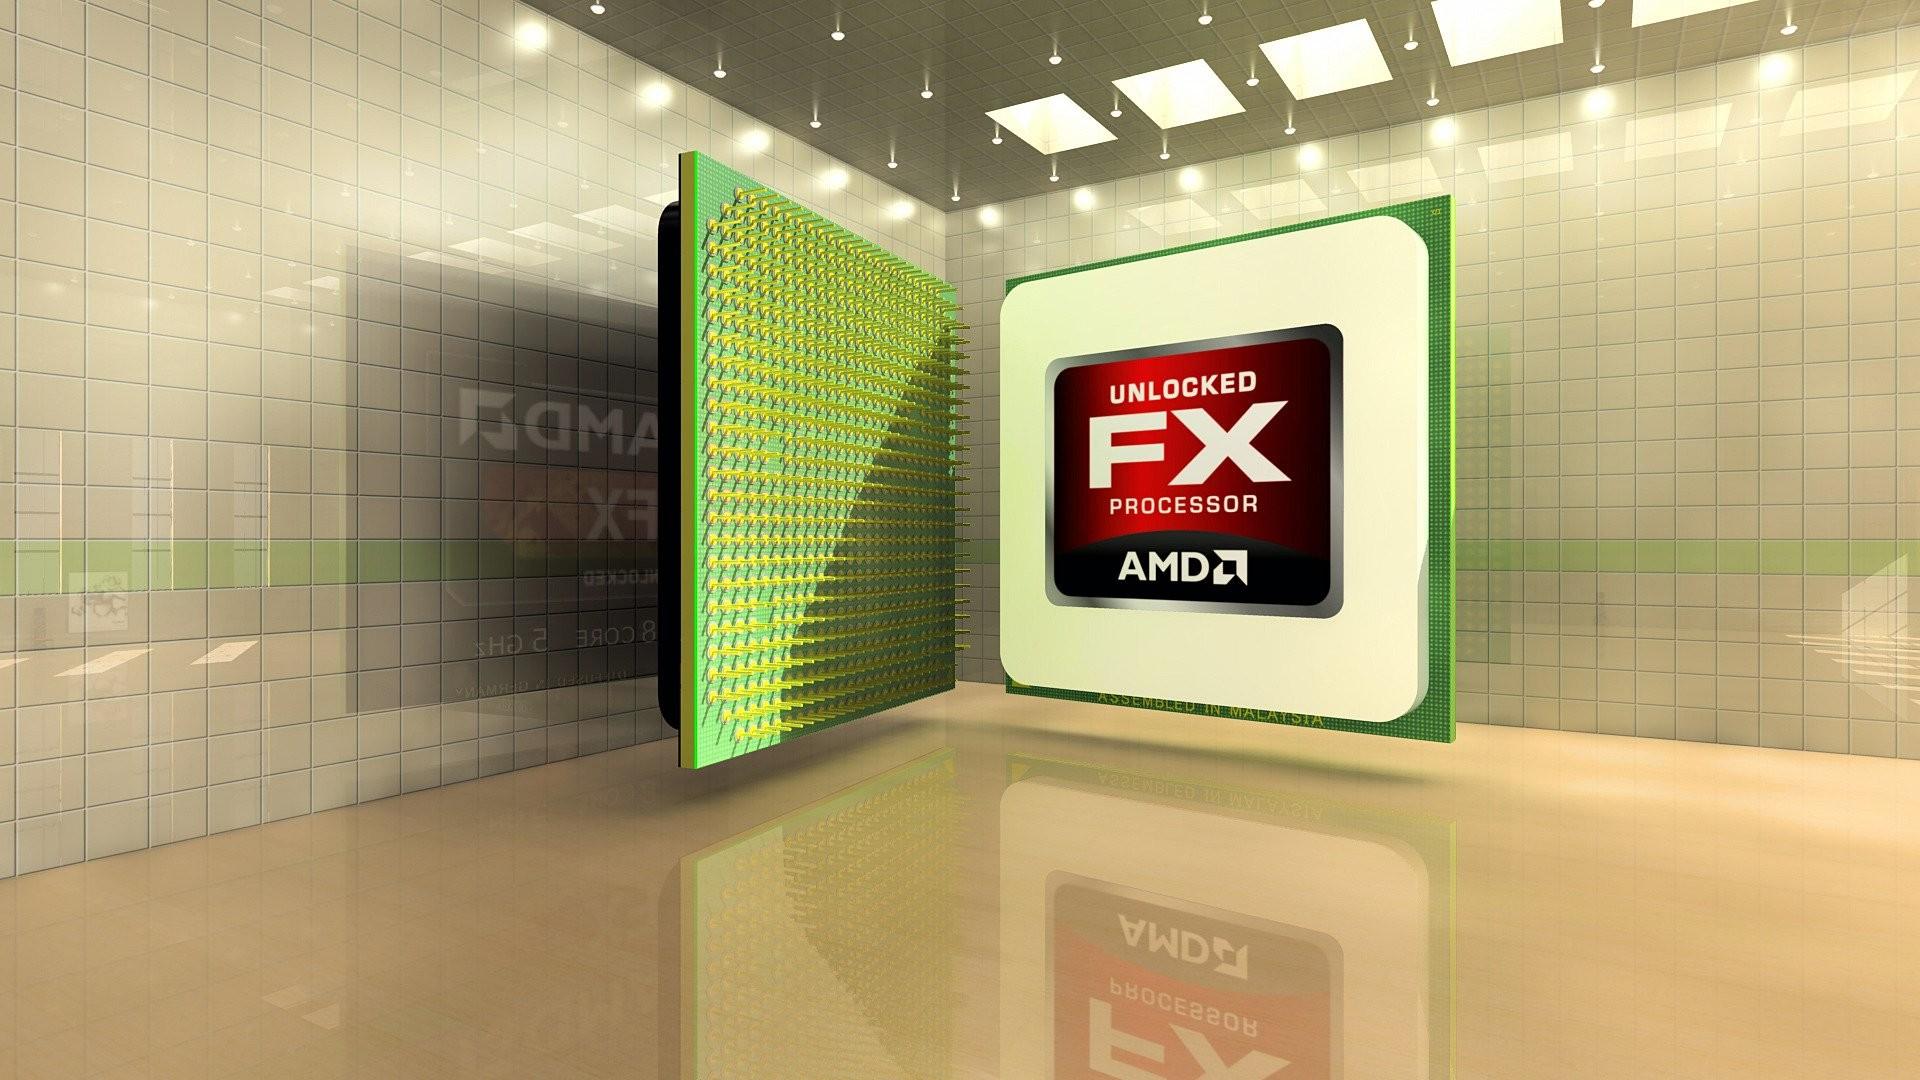 Res: 1920x1080, amd fx processor